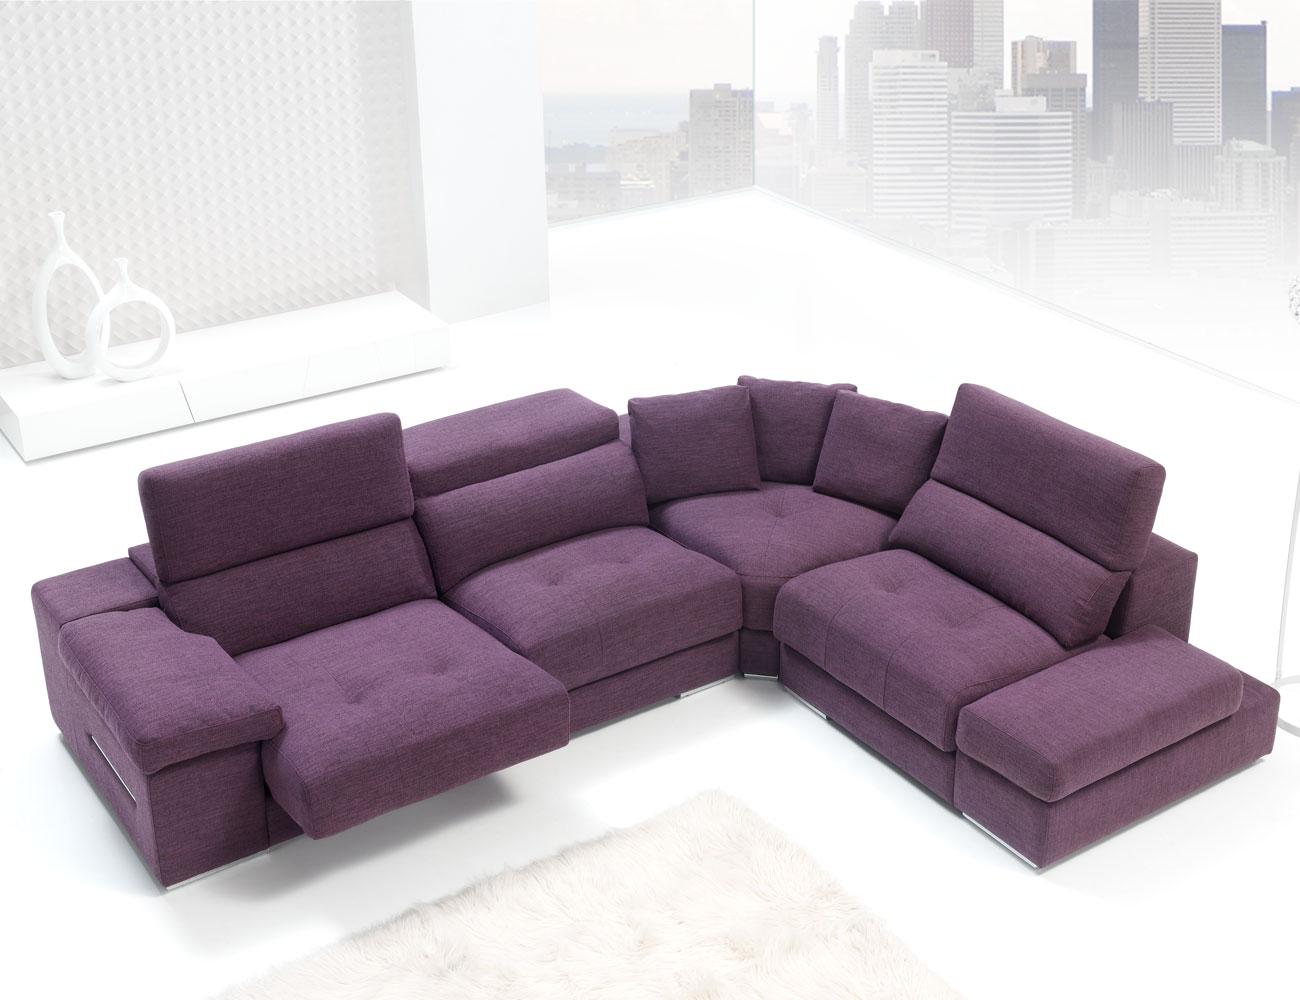 Sofa chaiselongue rincon con brazo mecanico tejido anti manchas 256